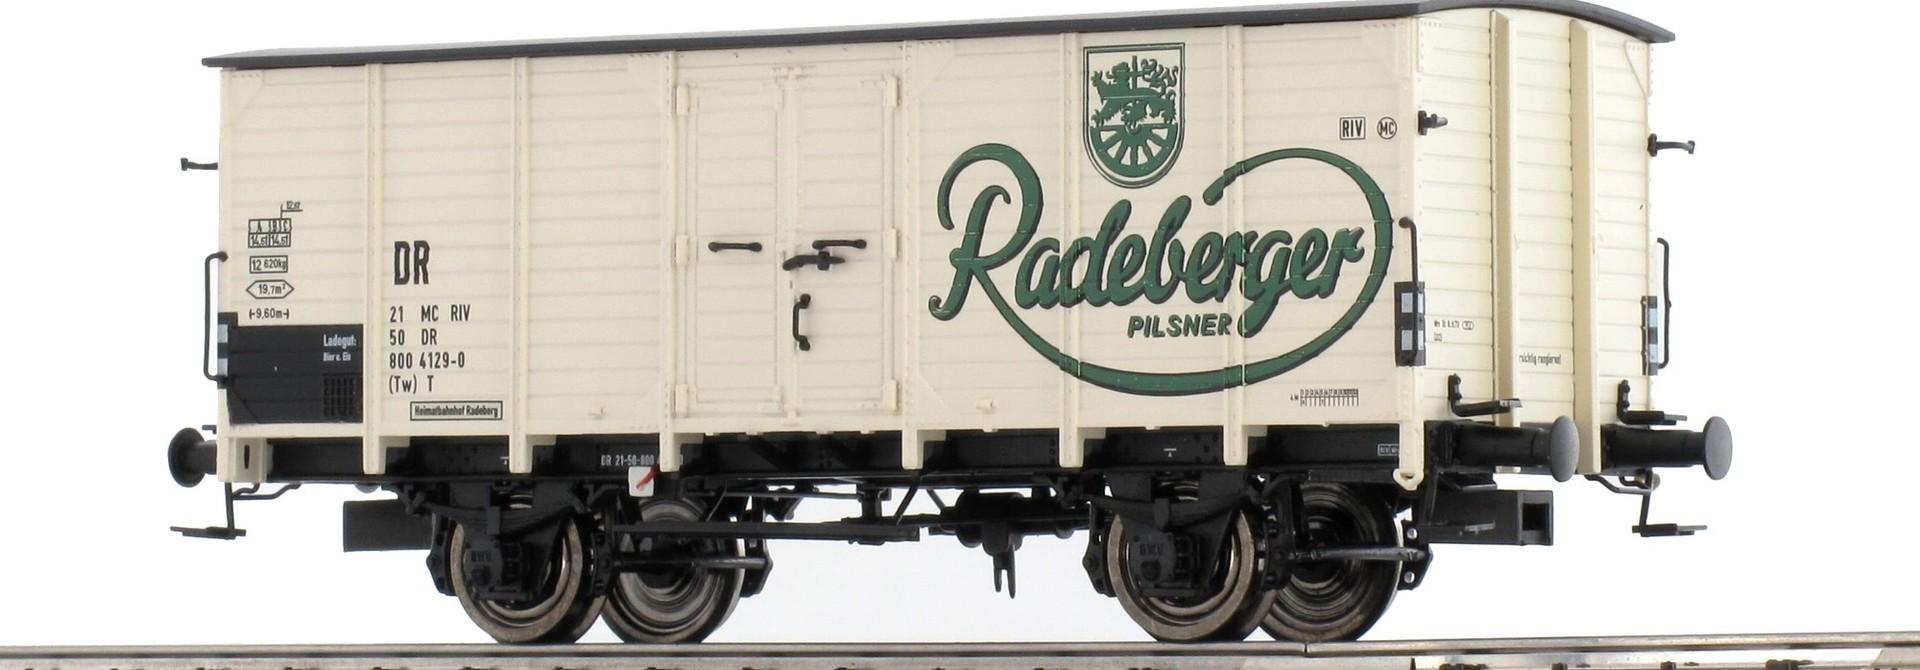 49046 Bierwagen Radeberger